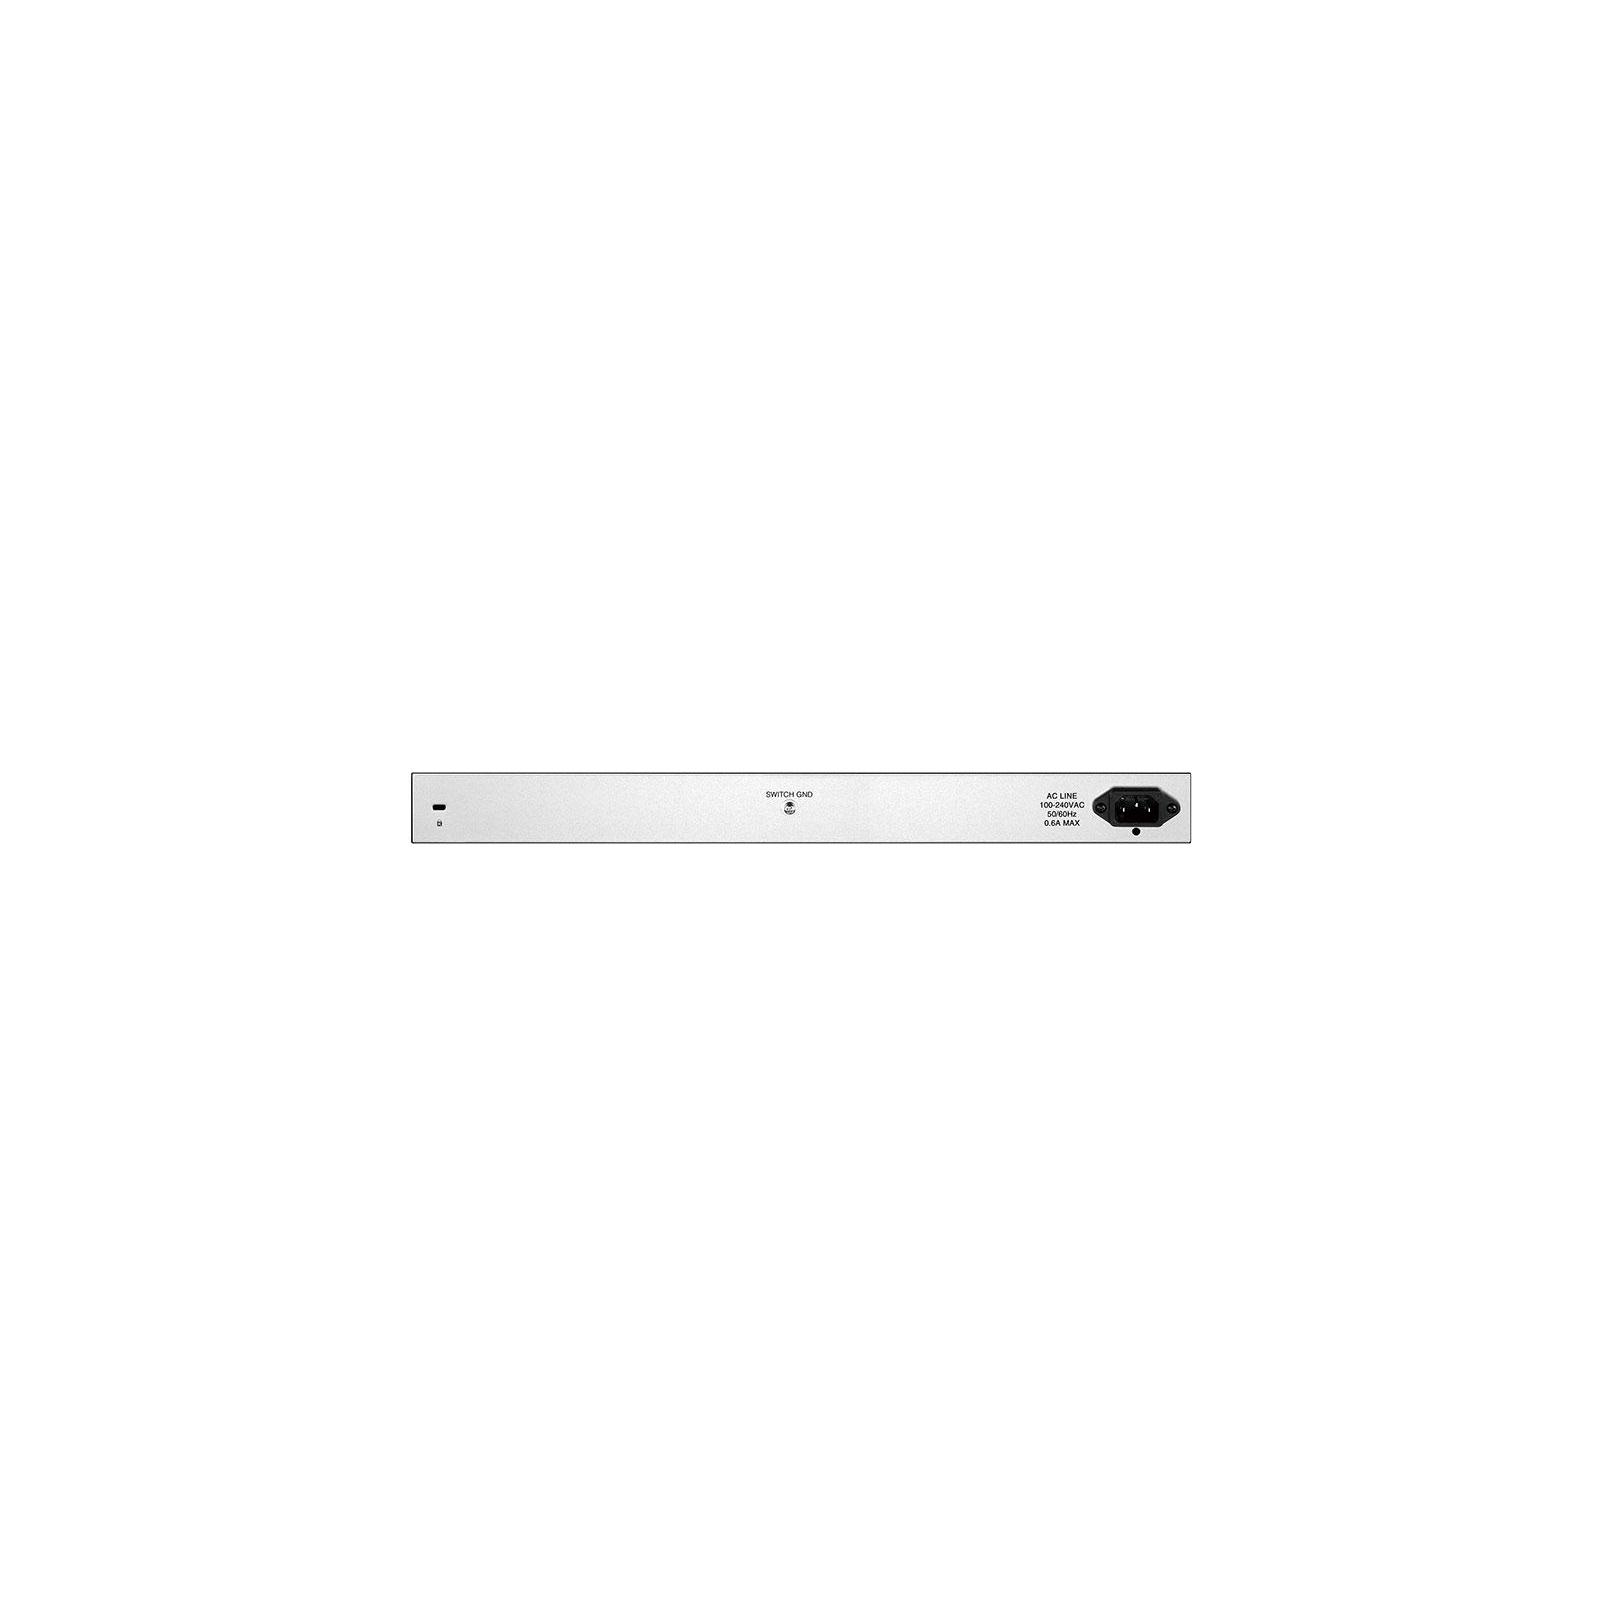 Коммутатор сетевой D-Link DGS-1210-28/ME/A изображение 2